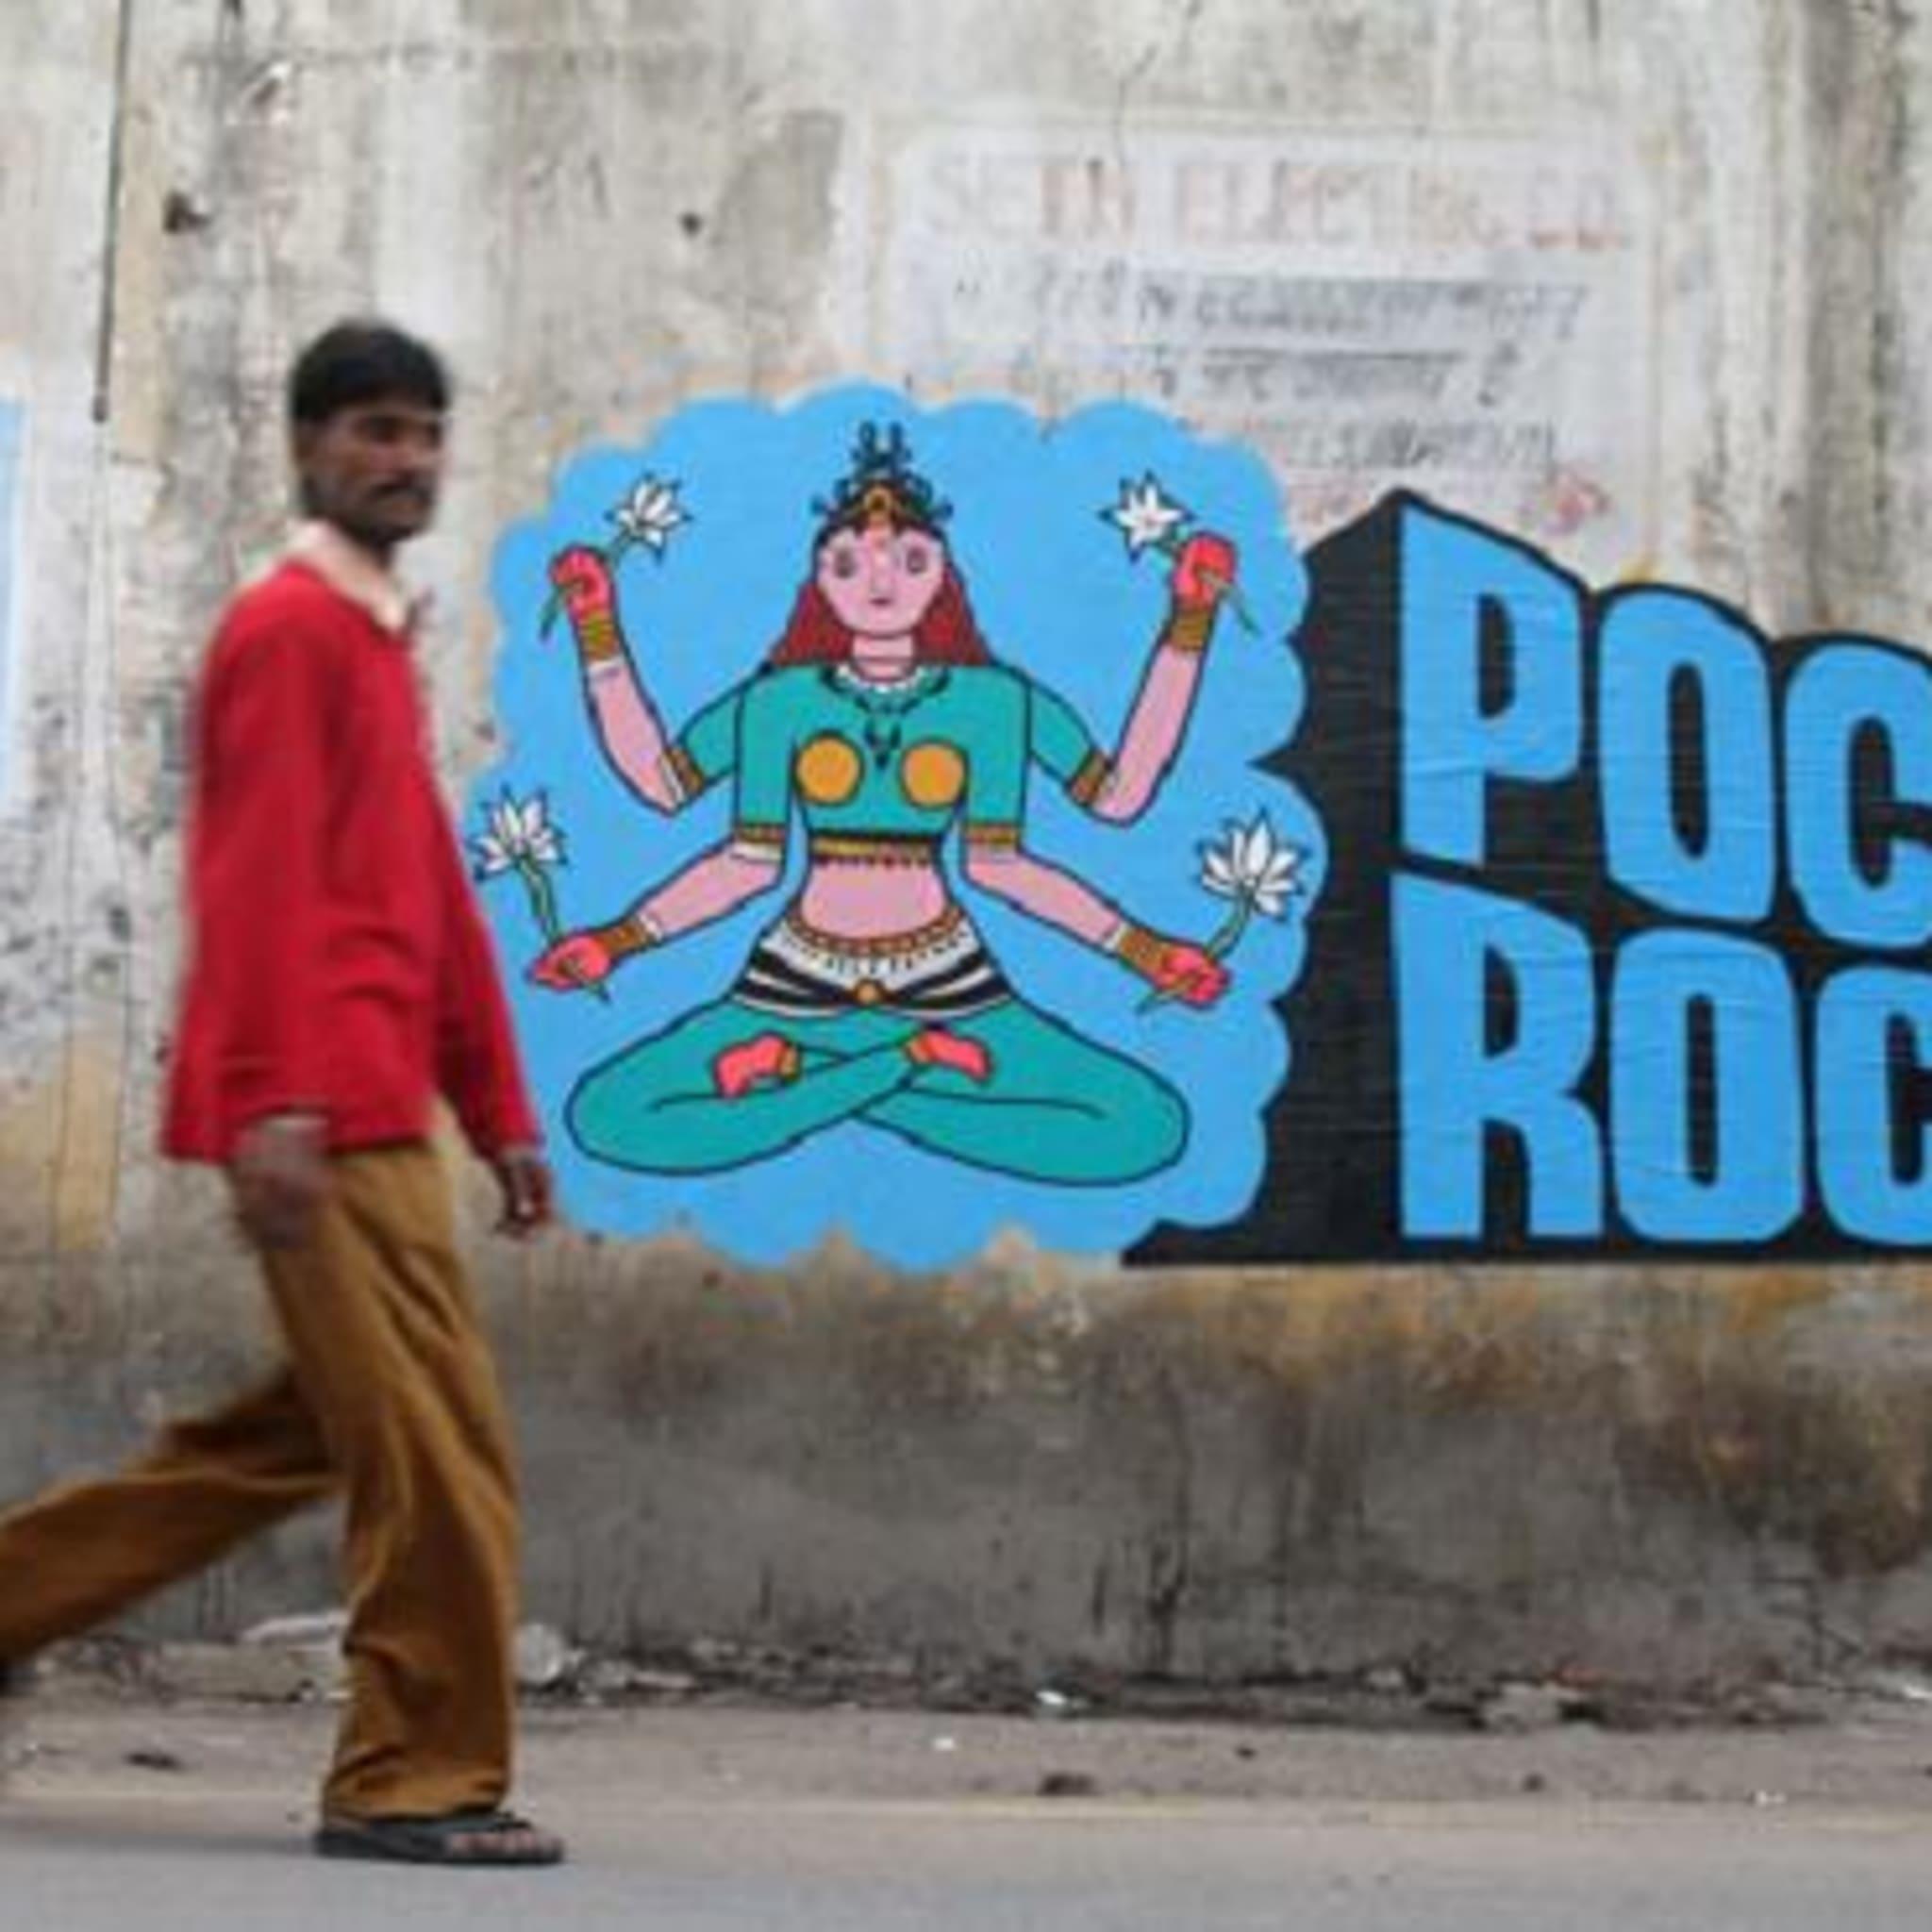 Poch Rock